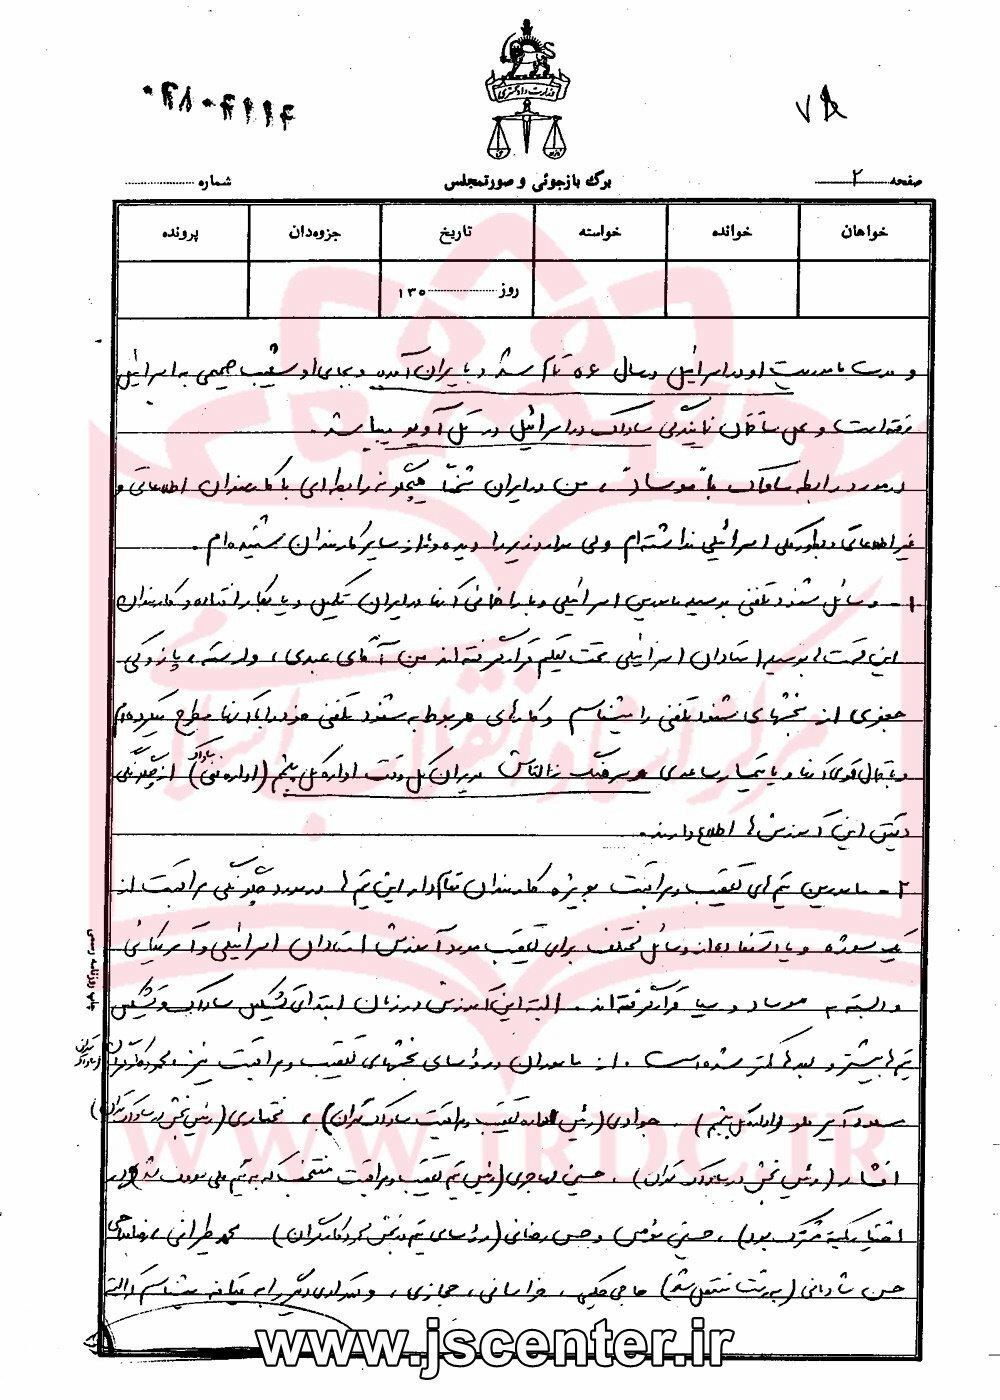 اعترافات بهمن نادریپور درباره روابط ساواک و موساد